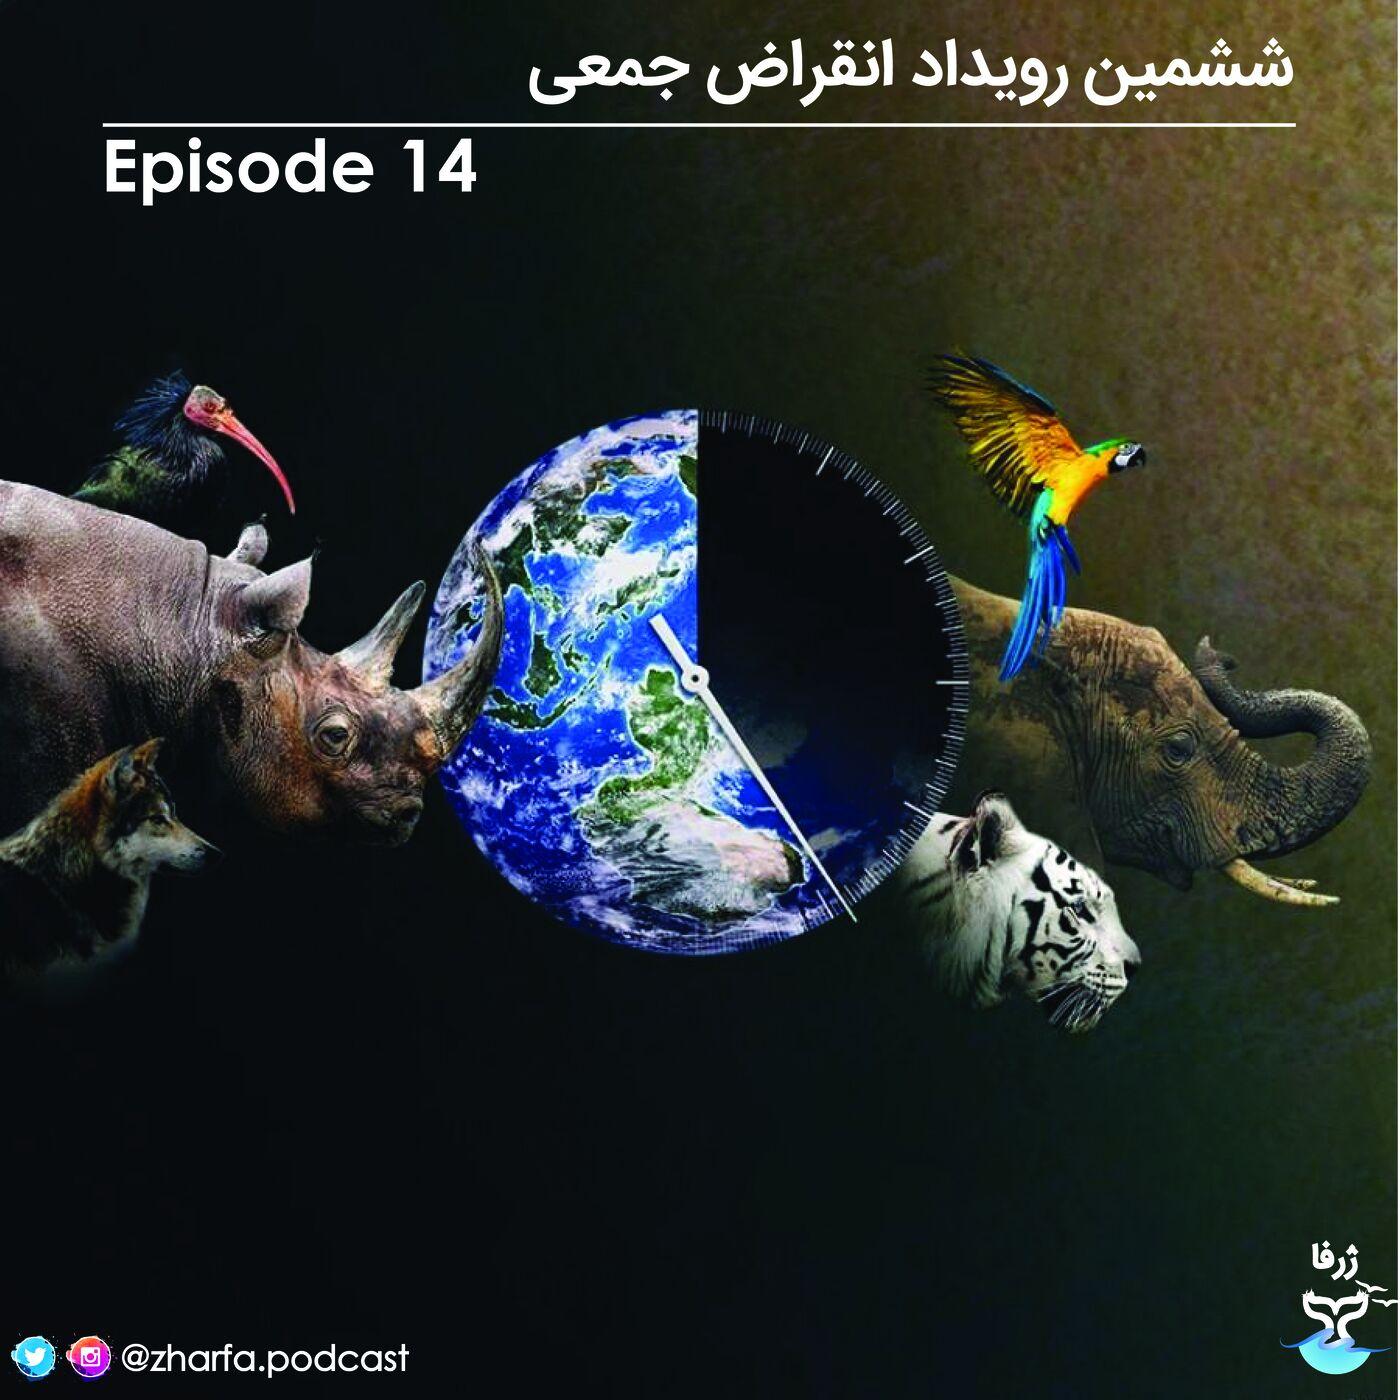 قسمت چهاردهم - ششمین رویداد انقراض جمعی